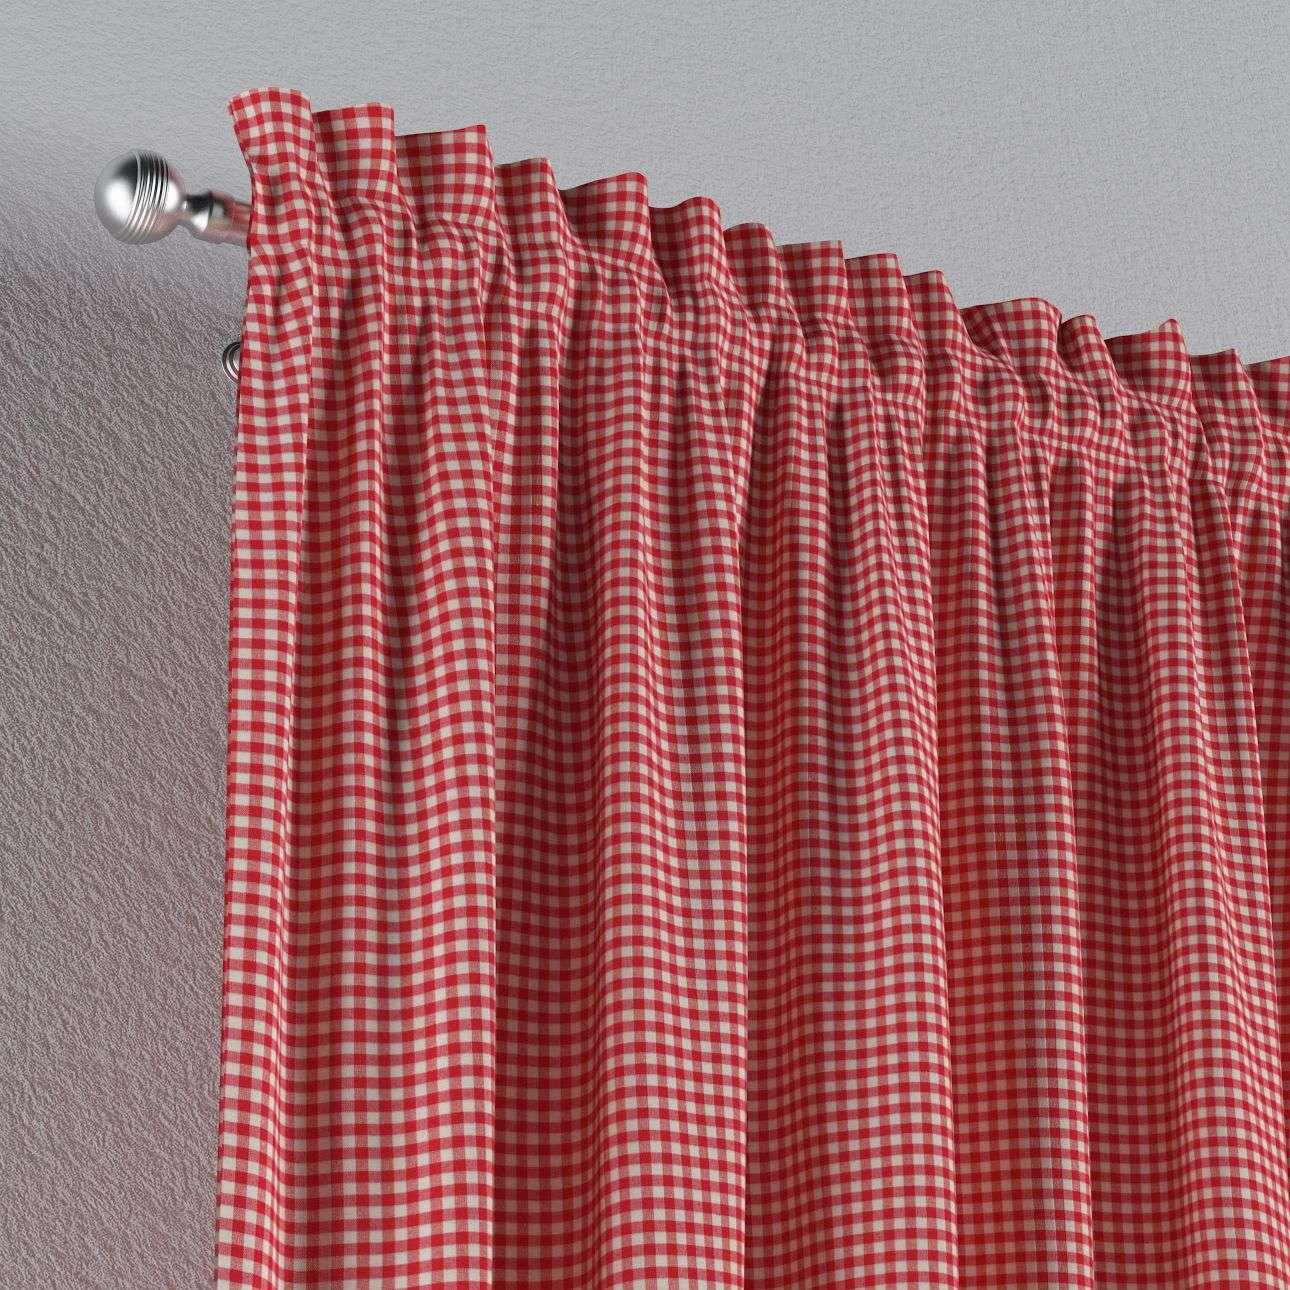 Zasłona na kanale z grzywką 1 szt. 1szt 130x260 cm w kolekcji Quadro, tkanina: 136-15